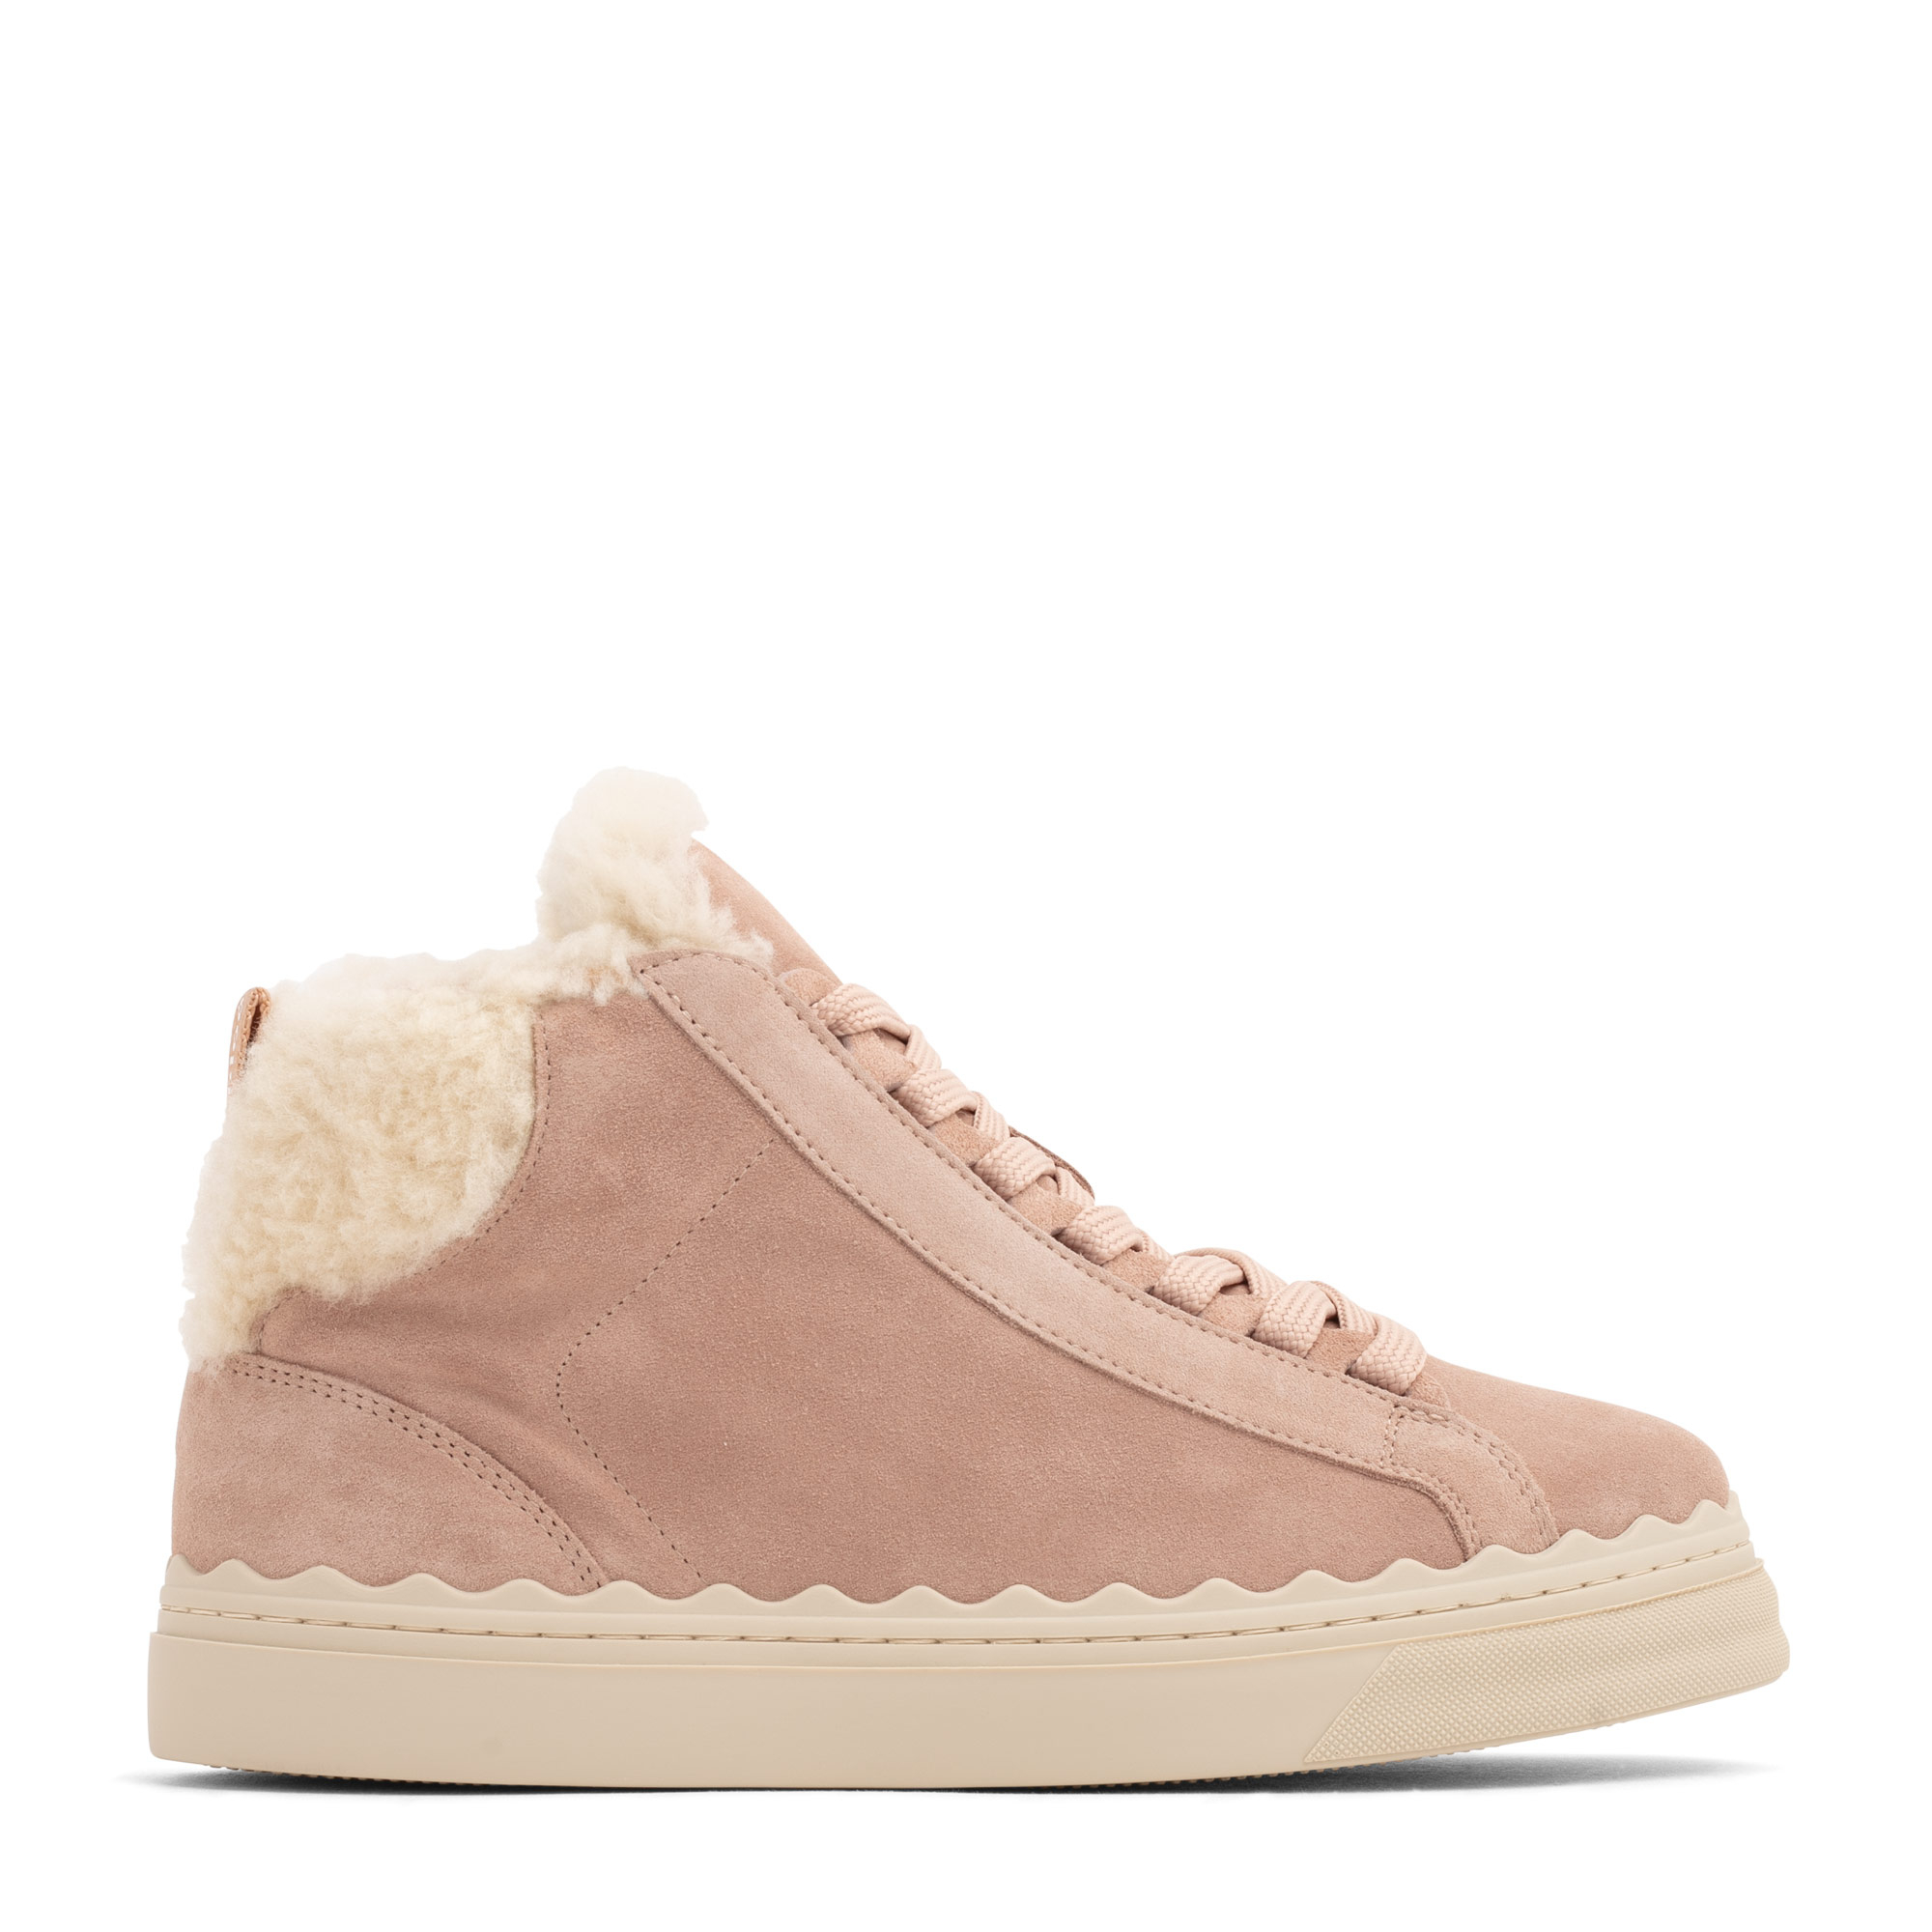 Lauren high-top sneakers